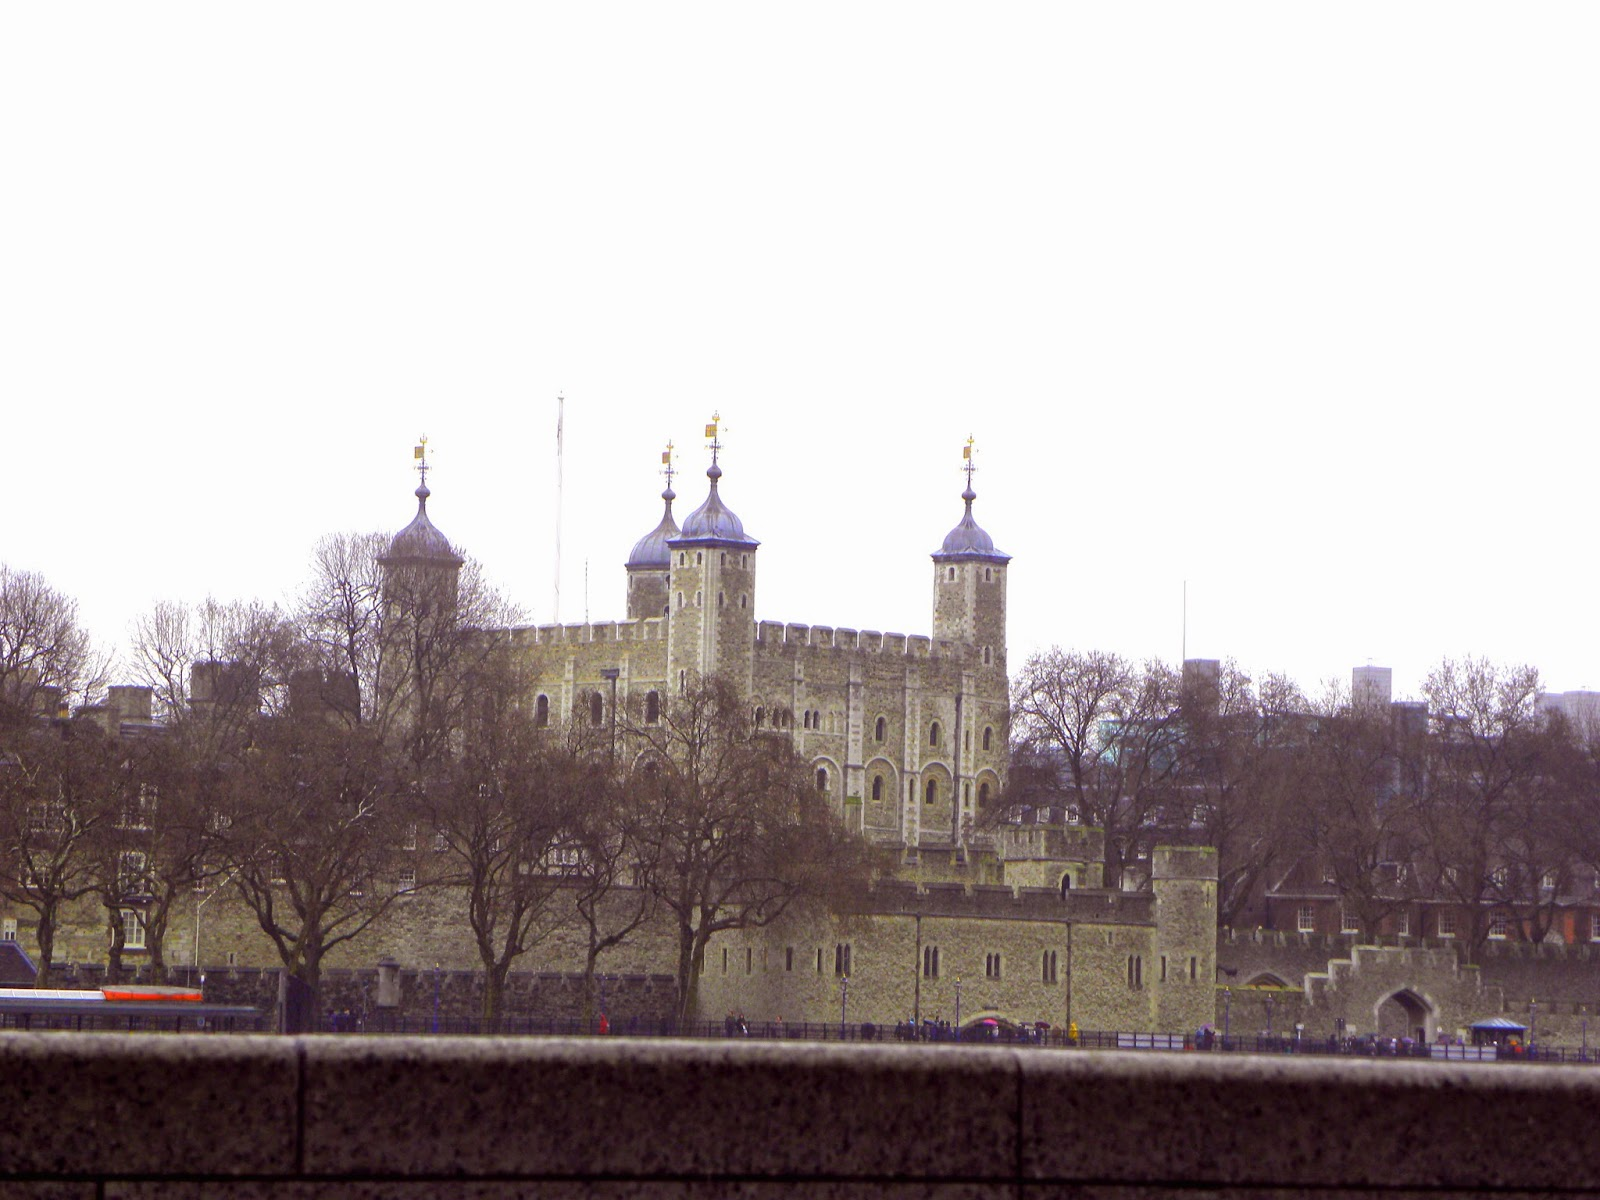 Torre-de-Londres